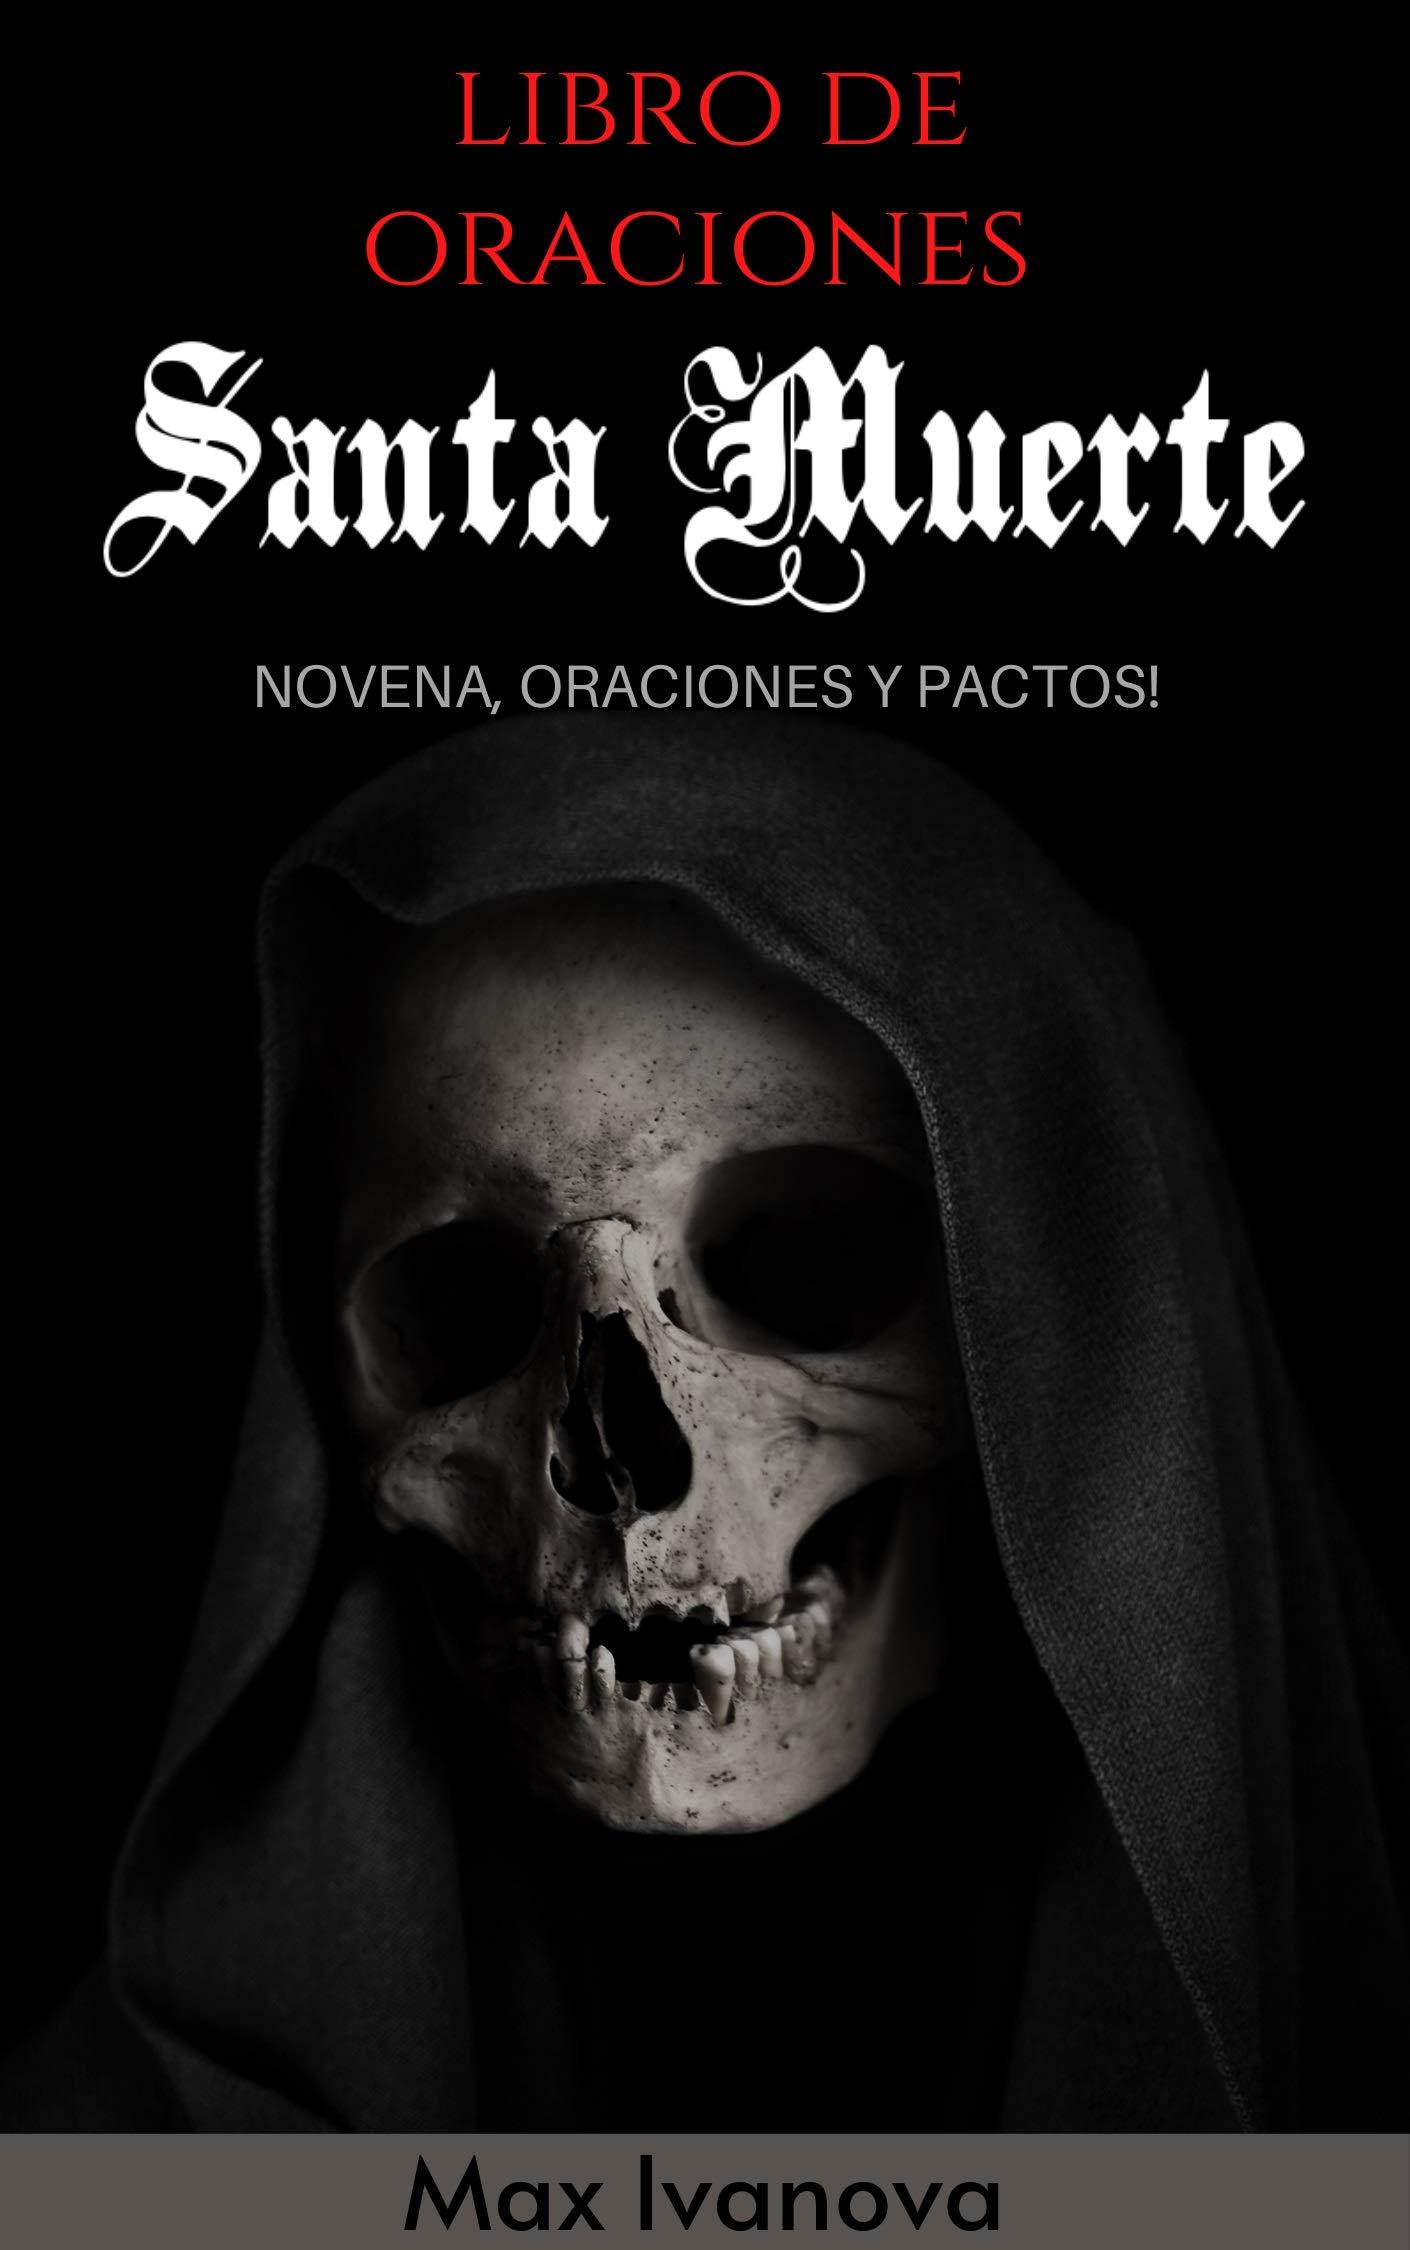 Libro De Oraciones Santa Muerte: Novena, oraciones y pactos! (Colección Metafísica nº 4) Max Ivanova